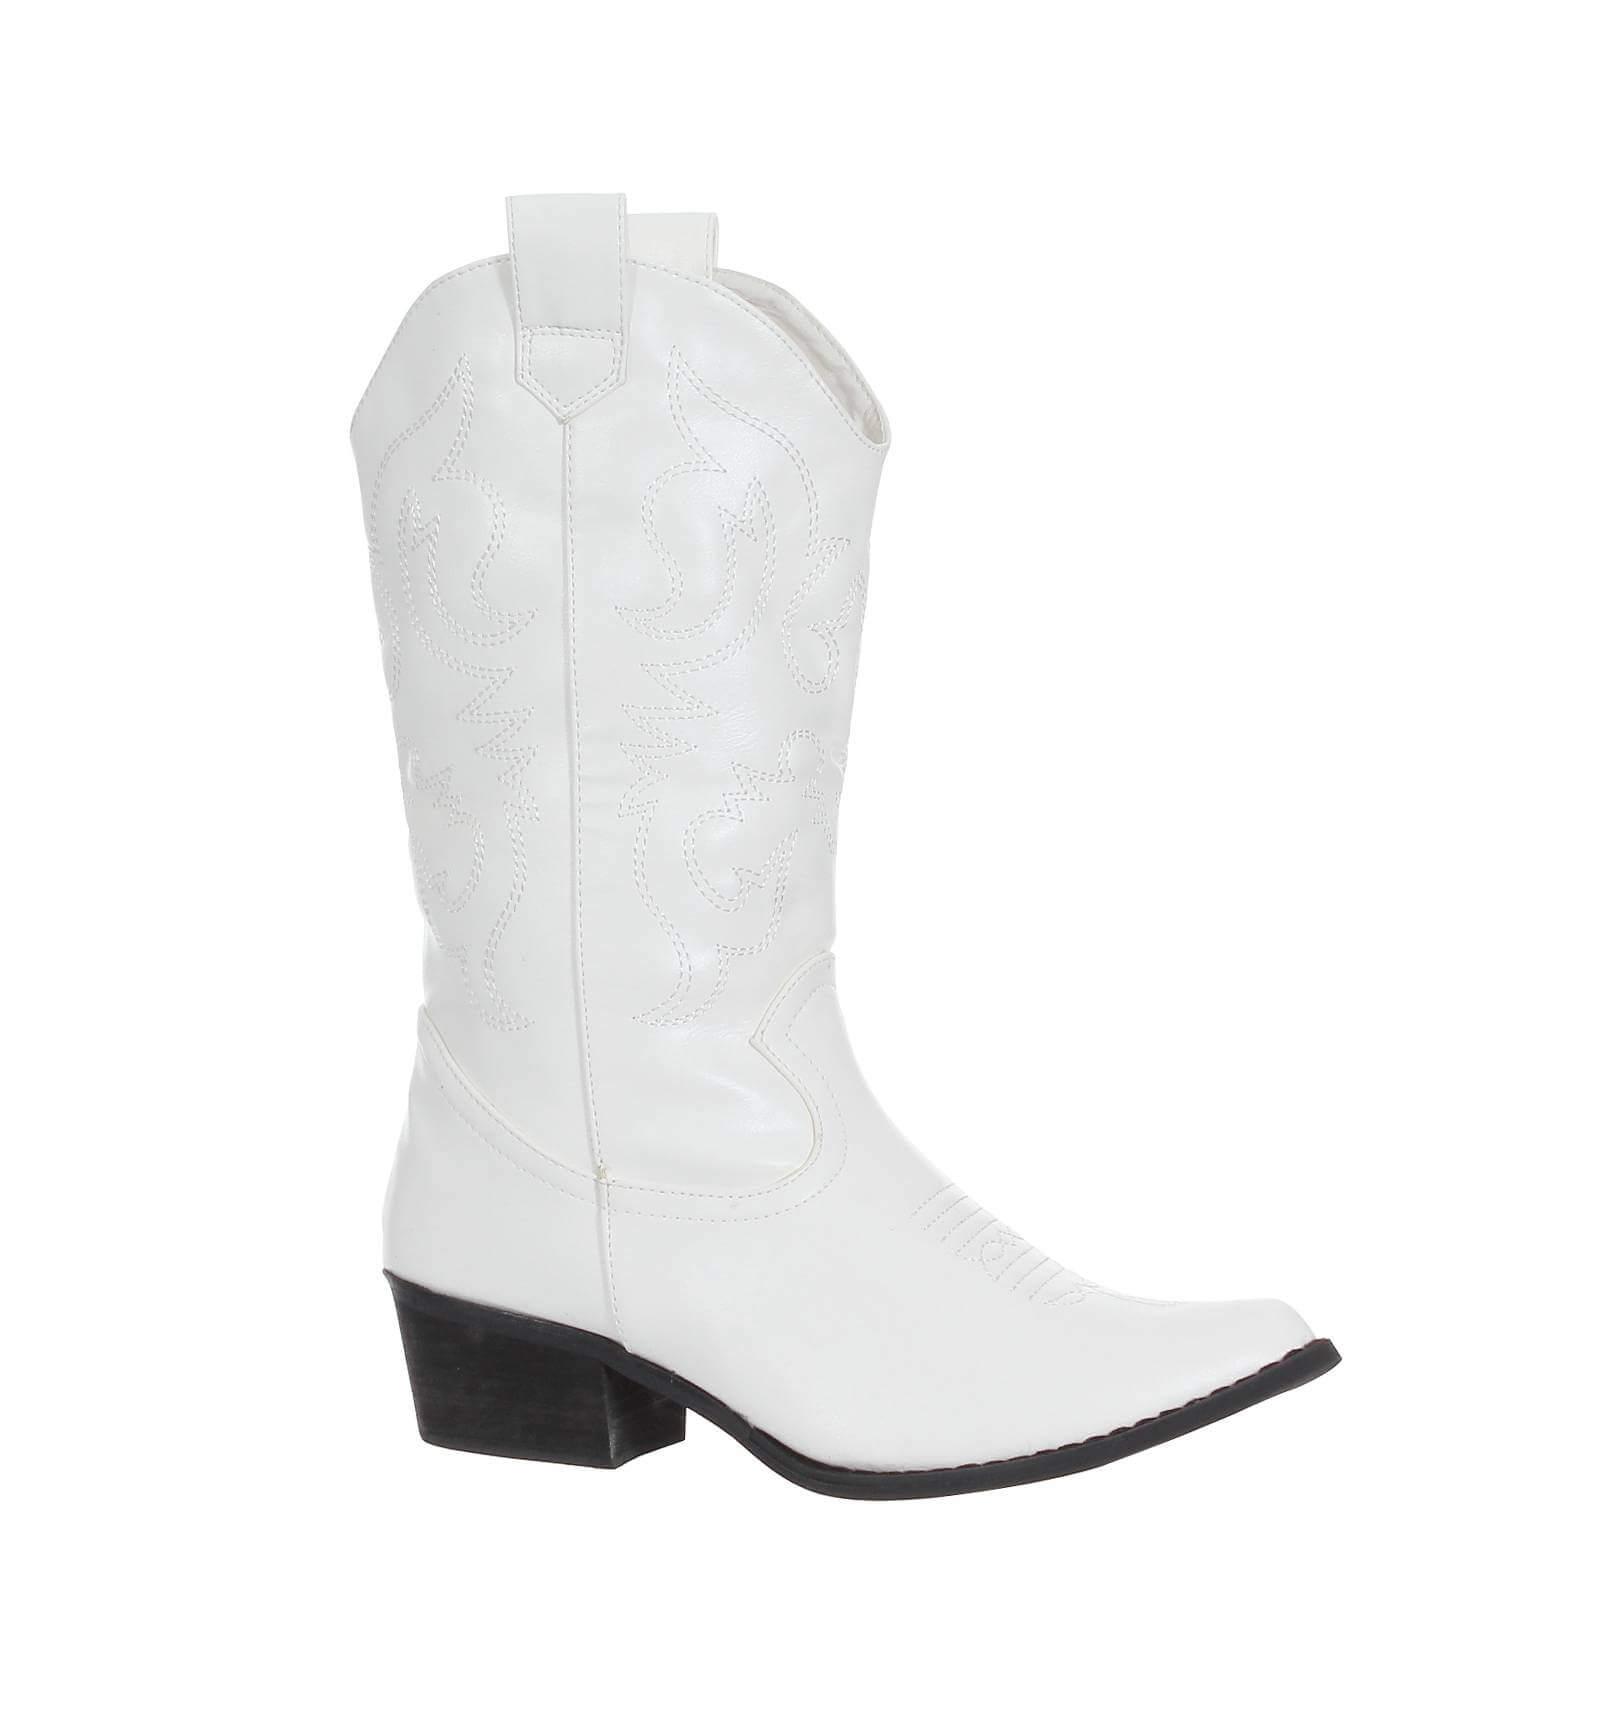 bottes hiver femme cuir de qualit brod bout pointu blanc. Black Bedroom Furniture Sets. Home Design Ideas